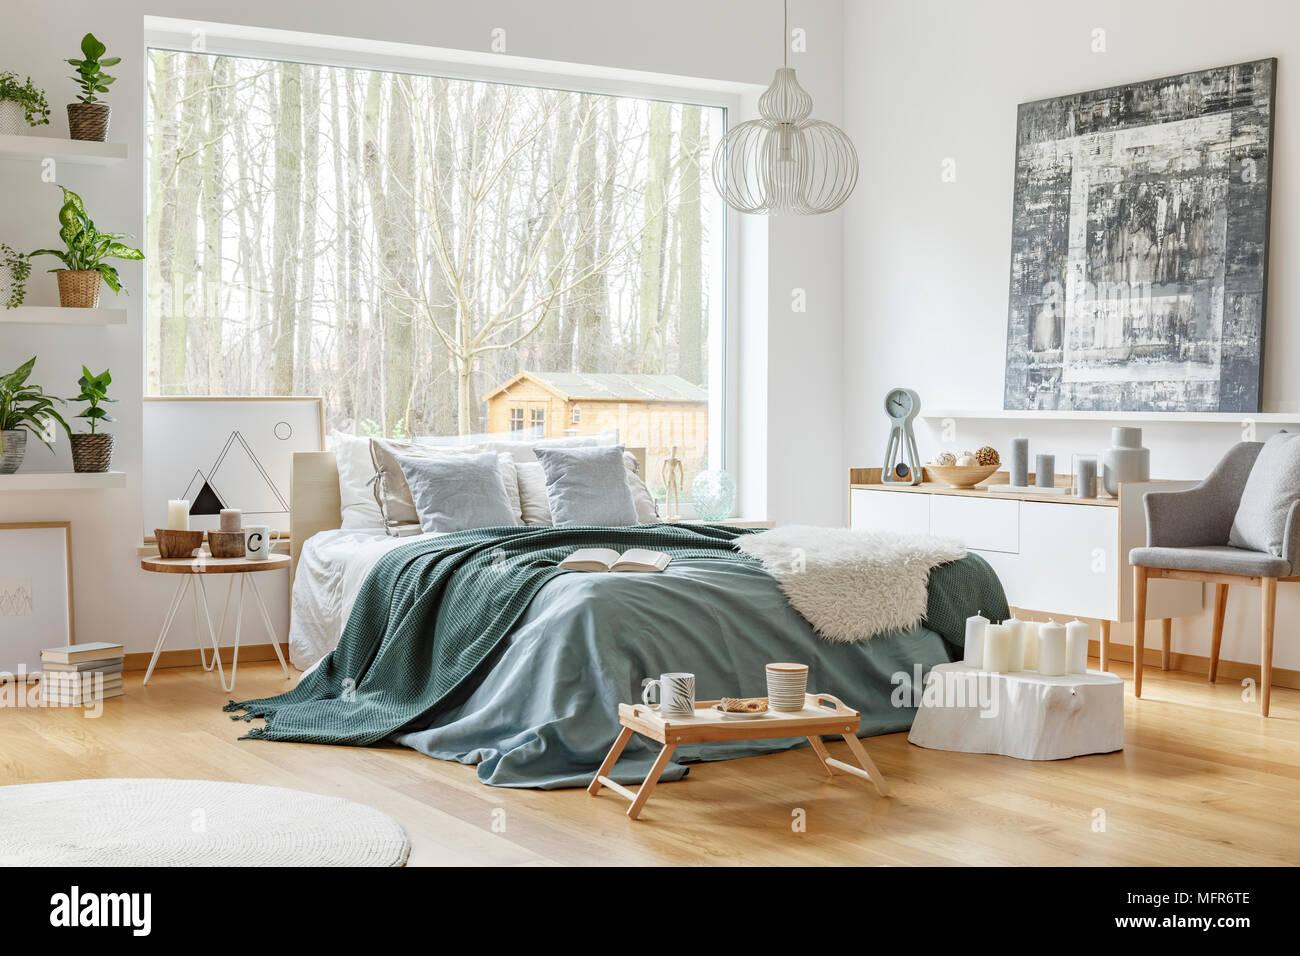 Letto Con Armadio Sopra pittura sopra armadio bianco vicino al letto con verde